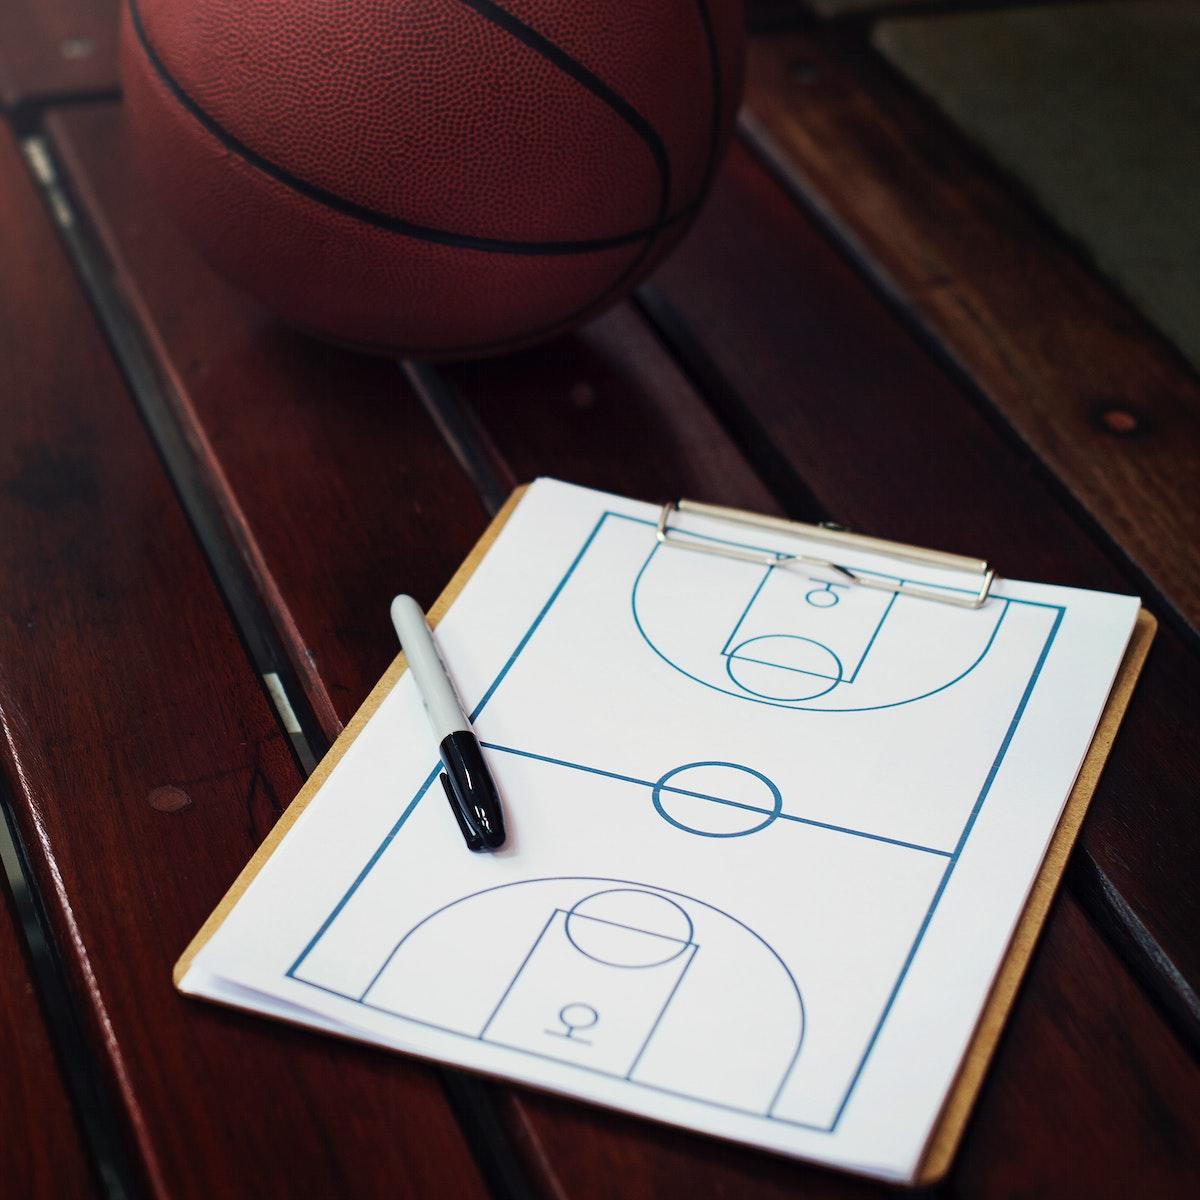 Closeup of basketball scheme tactic game plan